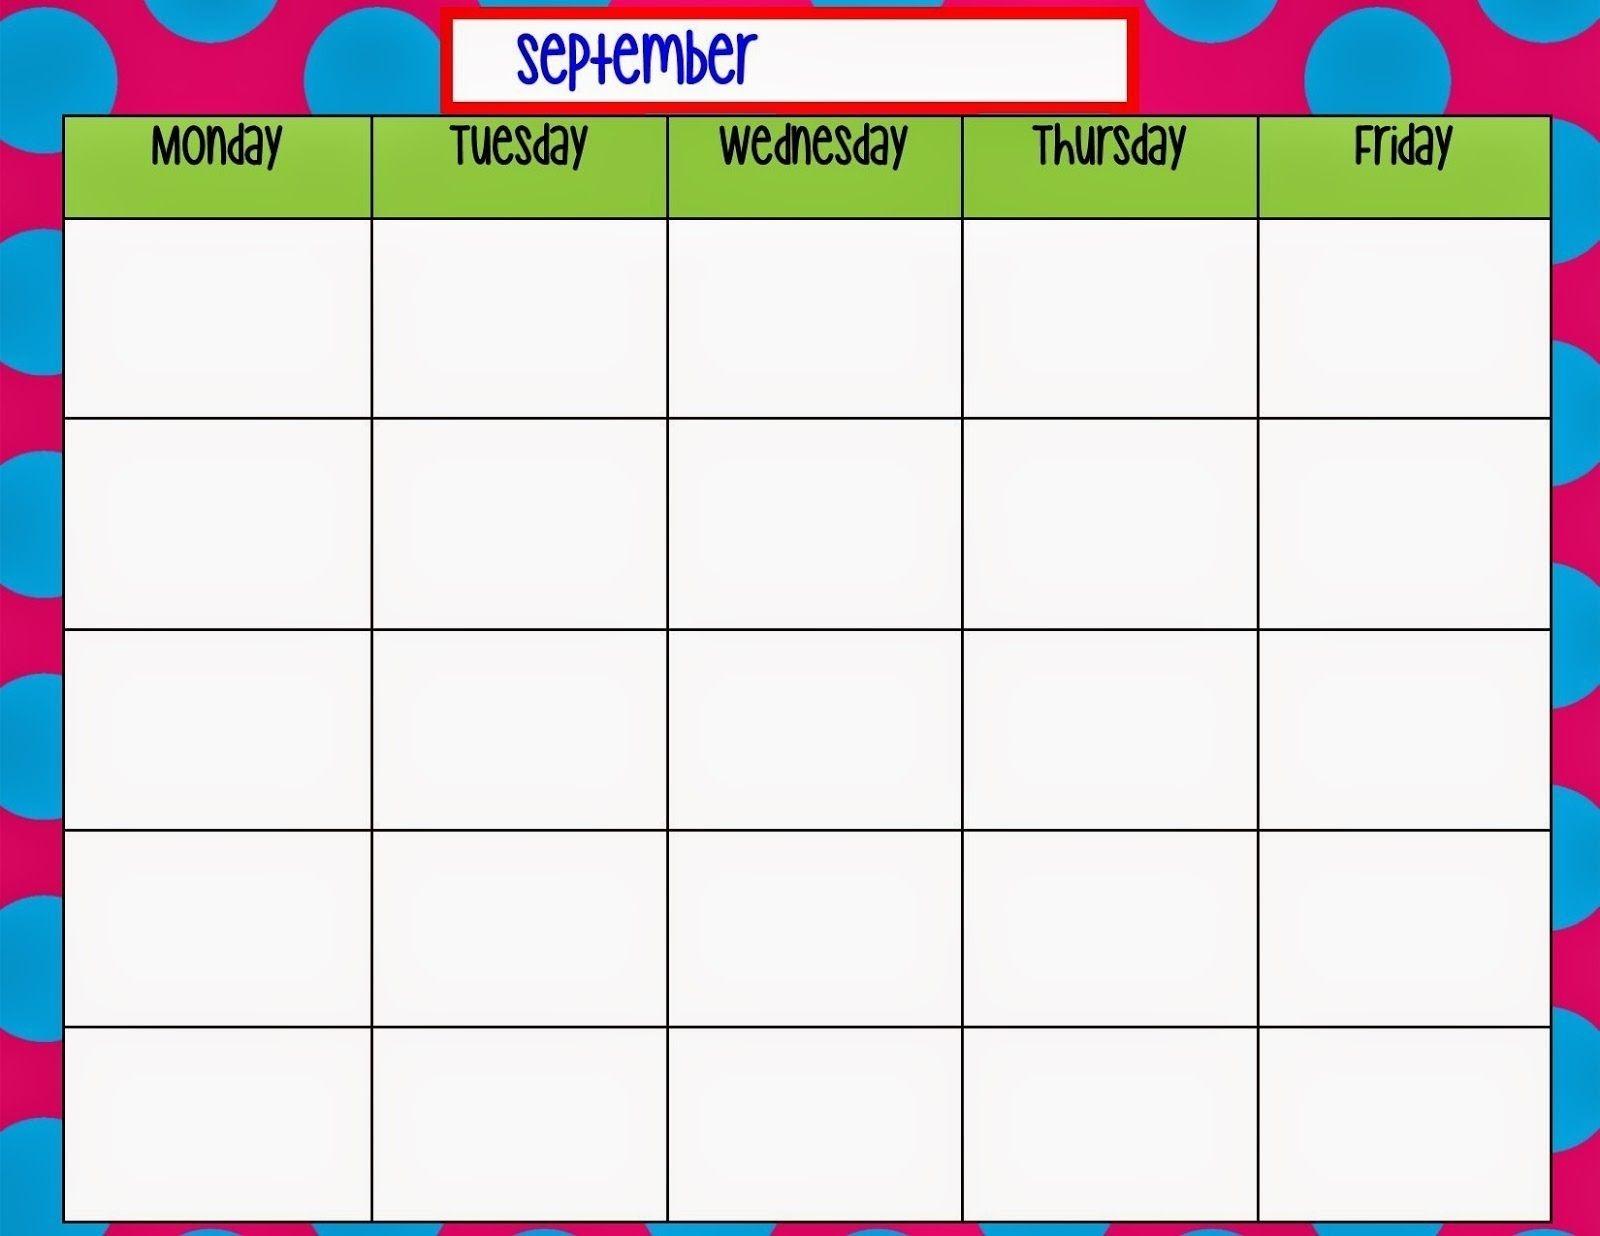 Monday Friday Monthly Calendar Template | Calendar Template